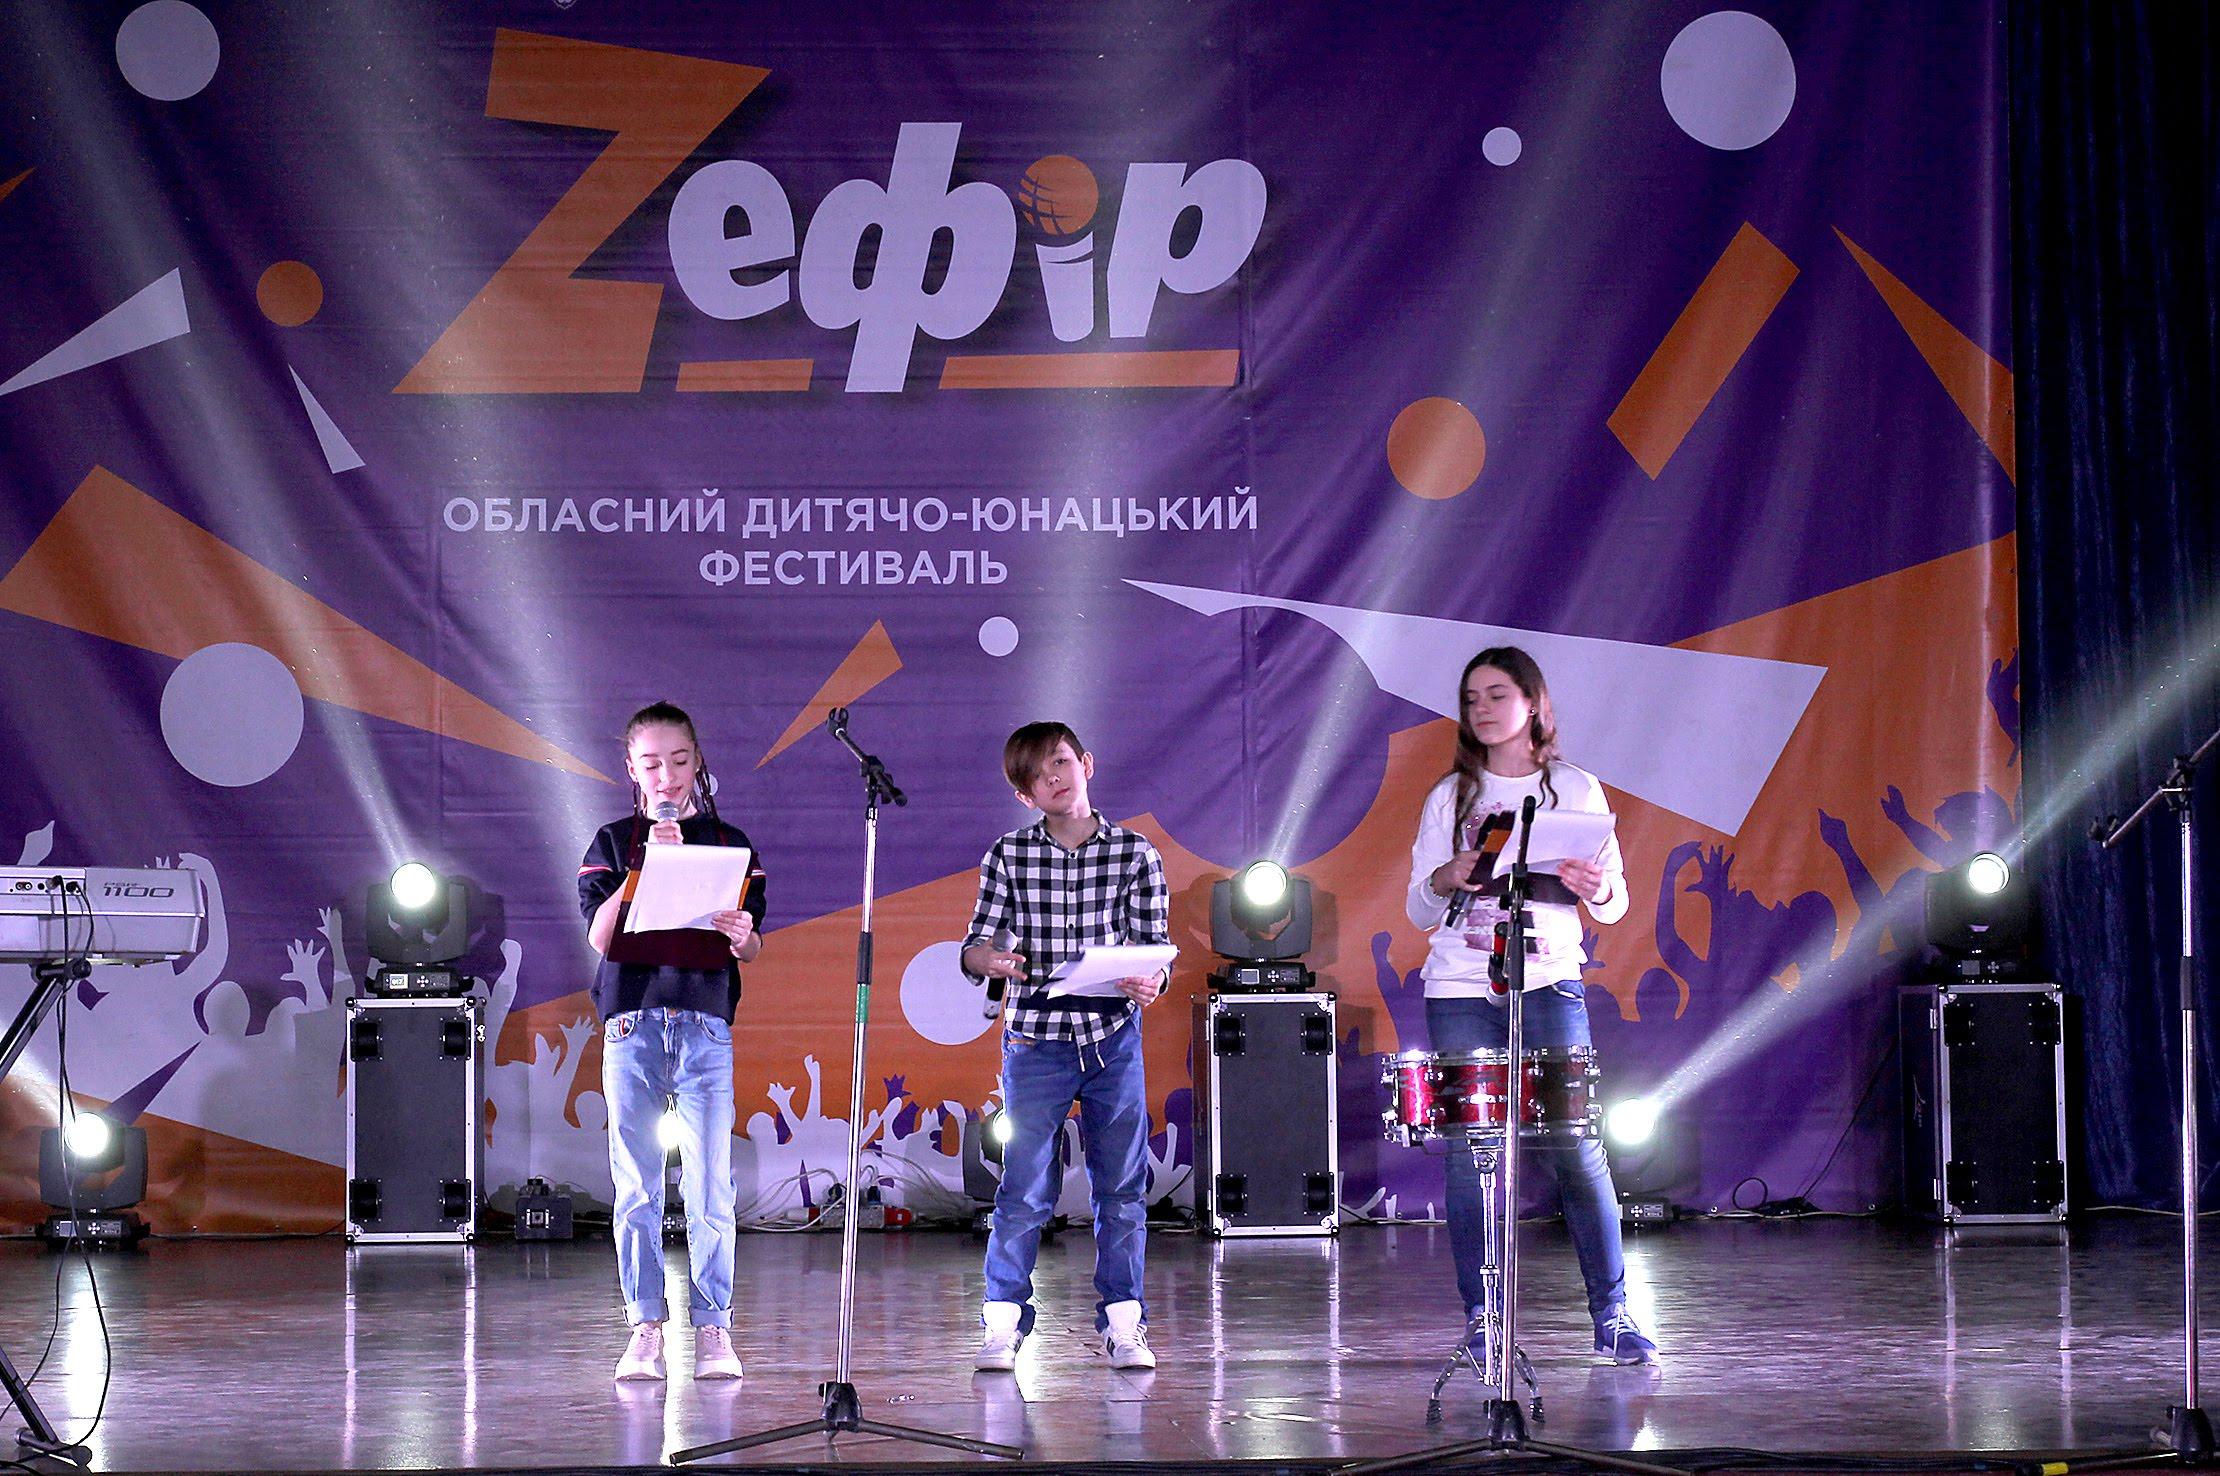 У Новомосковську пройшов відбірковий тур талант-фесту «Z_ефір»